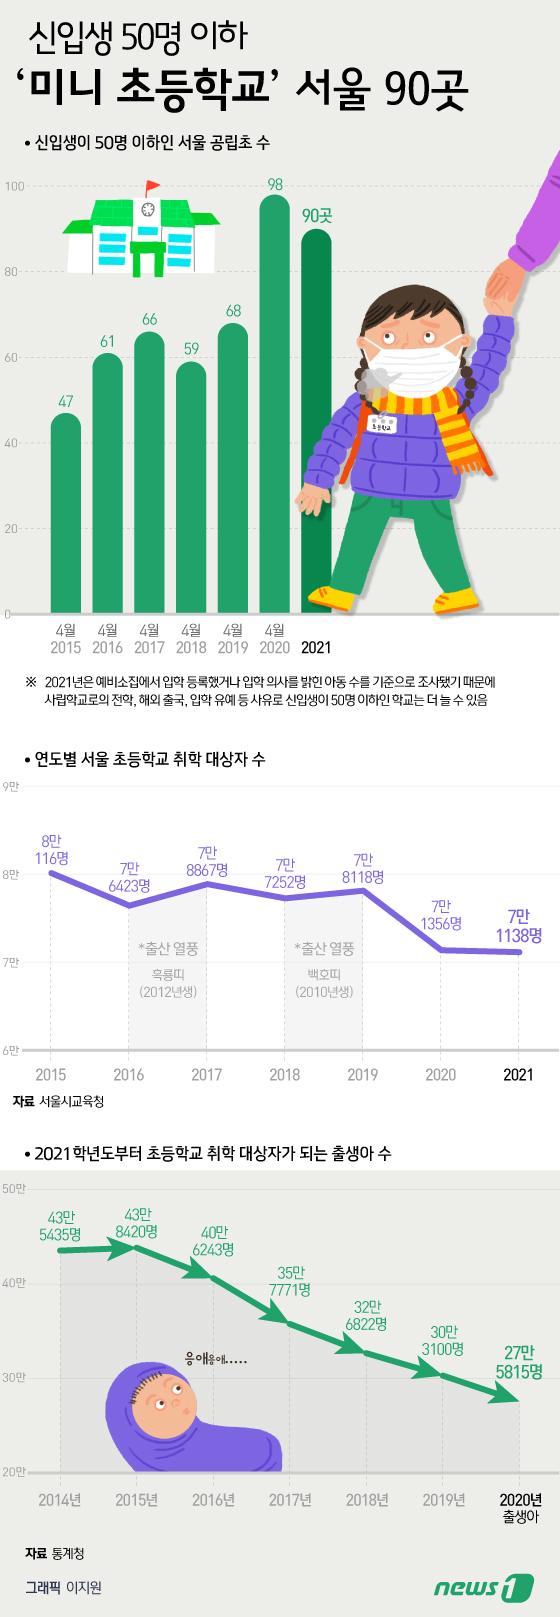 [그래픽뉴스] 신입생 50명 이하 \'미니 초등학교\' 서울 90곳